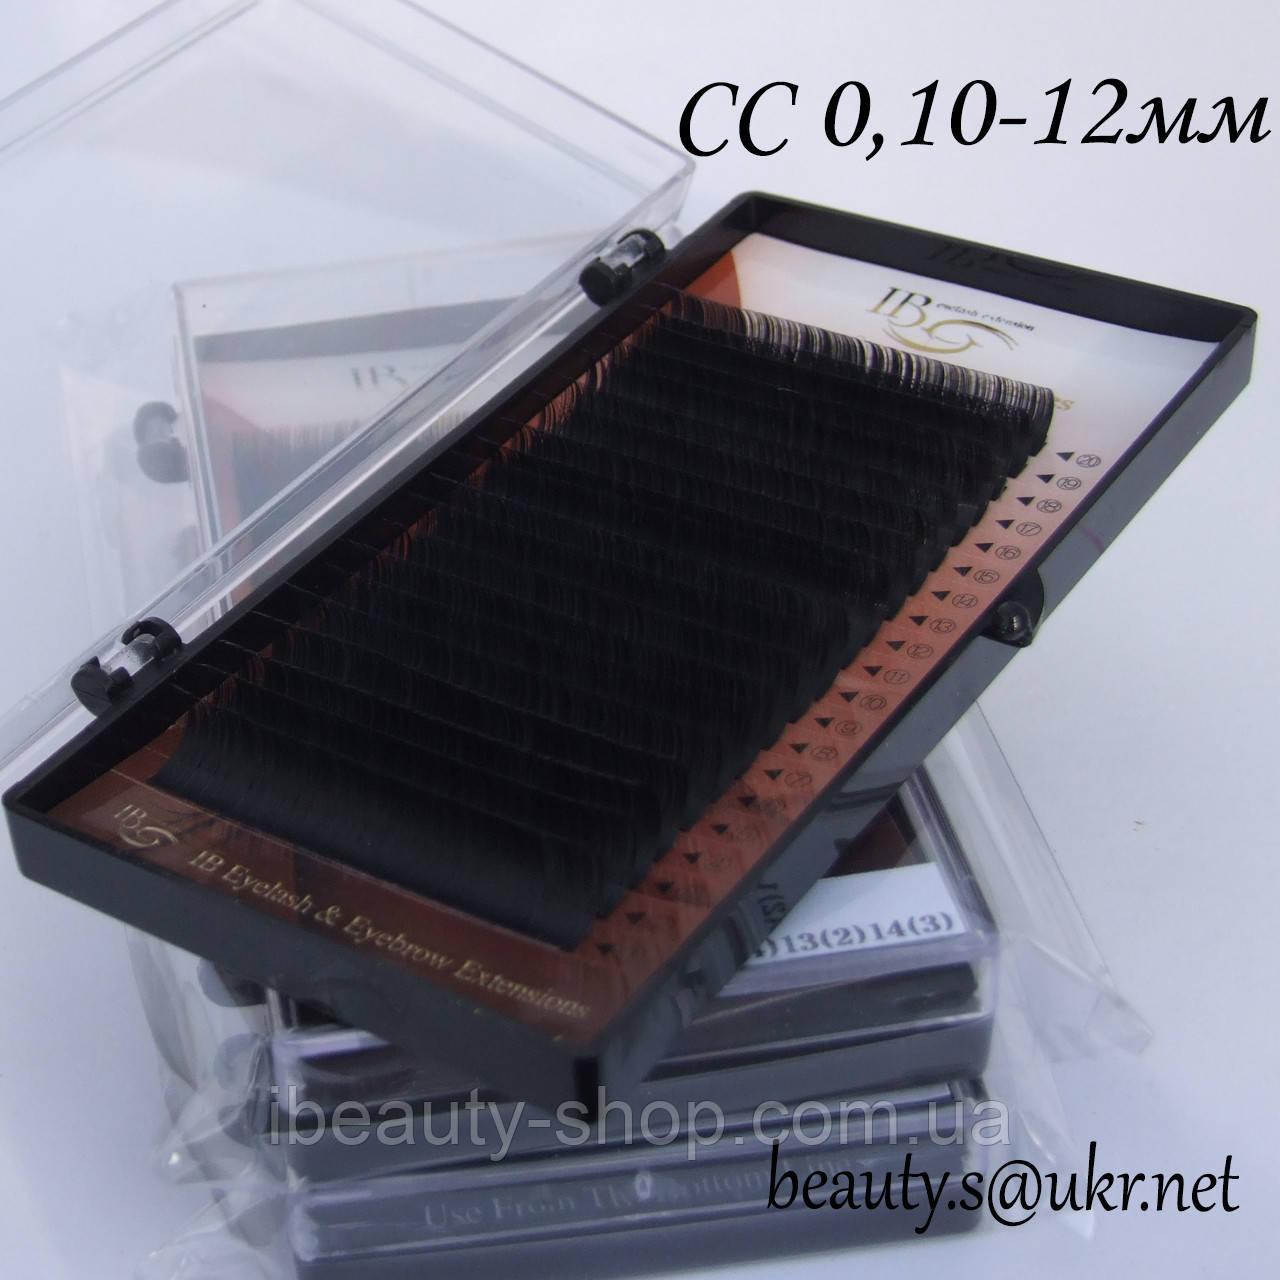 Ресницы  I-Beauty на ленте СС-0,10 12мм